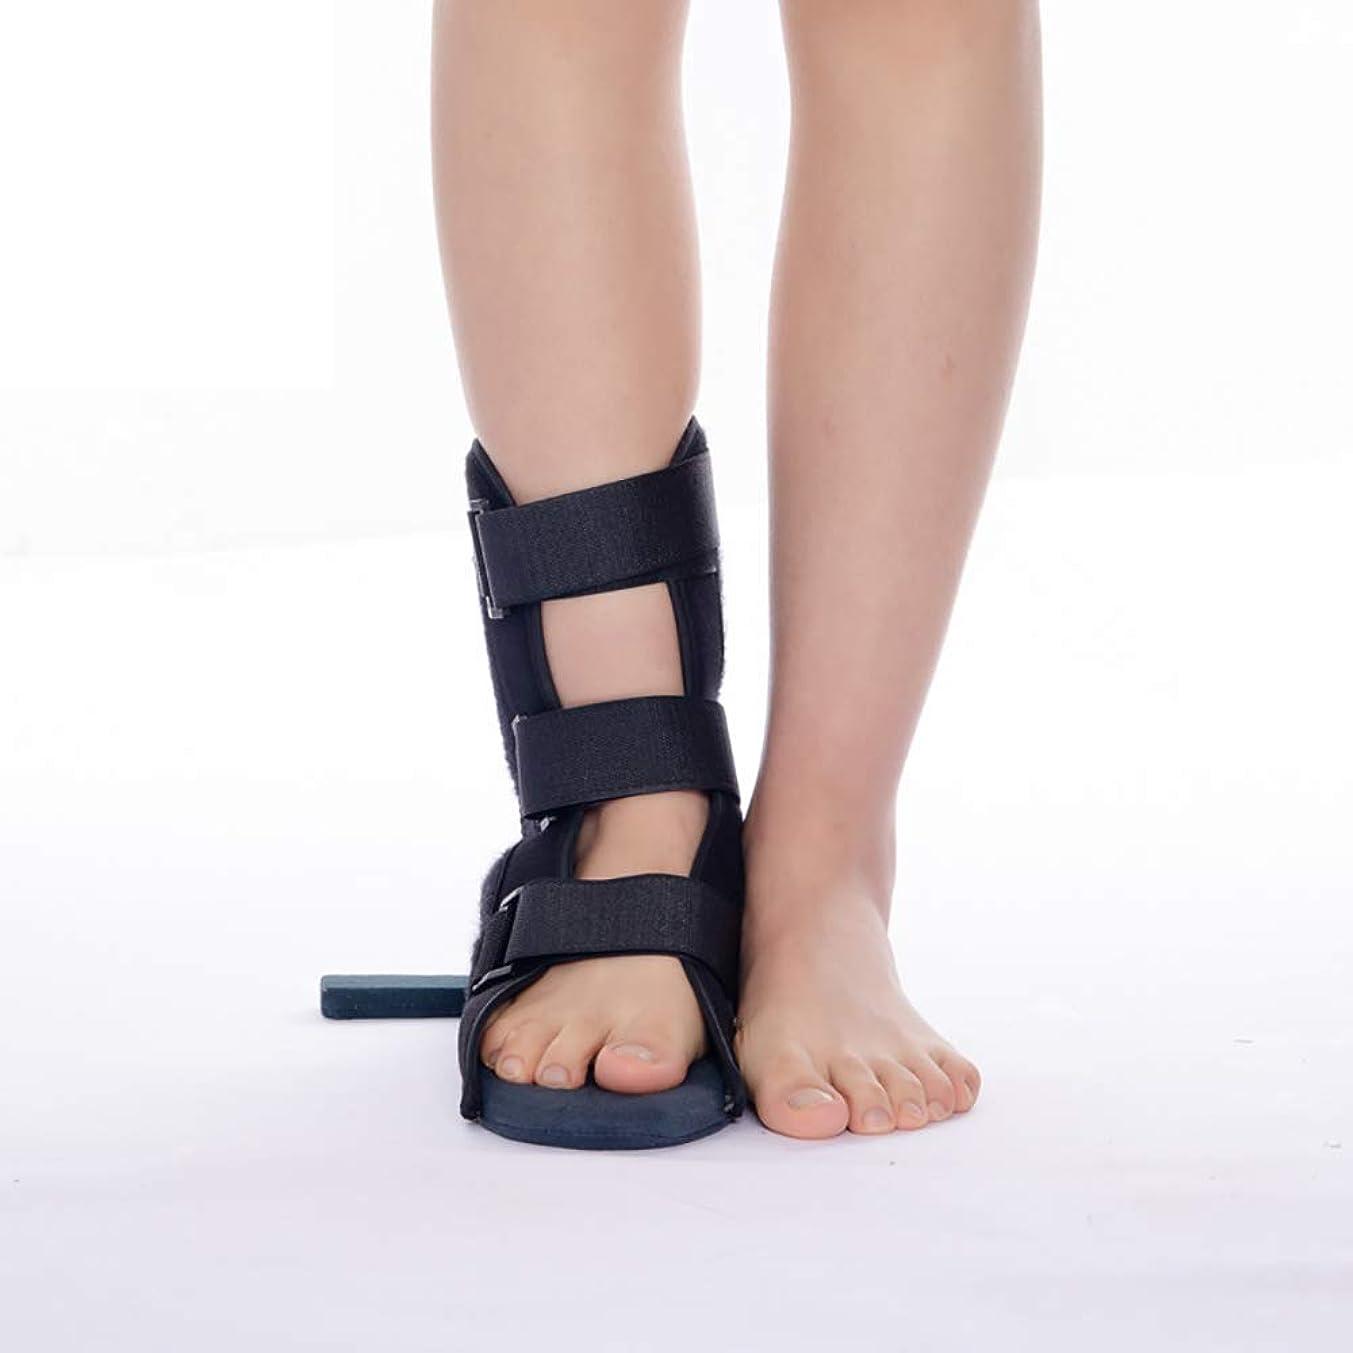 ちょうつがい寛容バックアップ足固定整形外科用靴足ブレースサポート回転防止足首捻挫スタビライザーブーツ用足首関節捻挫骨折リハビリテーション